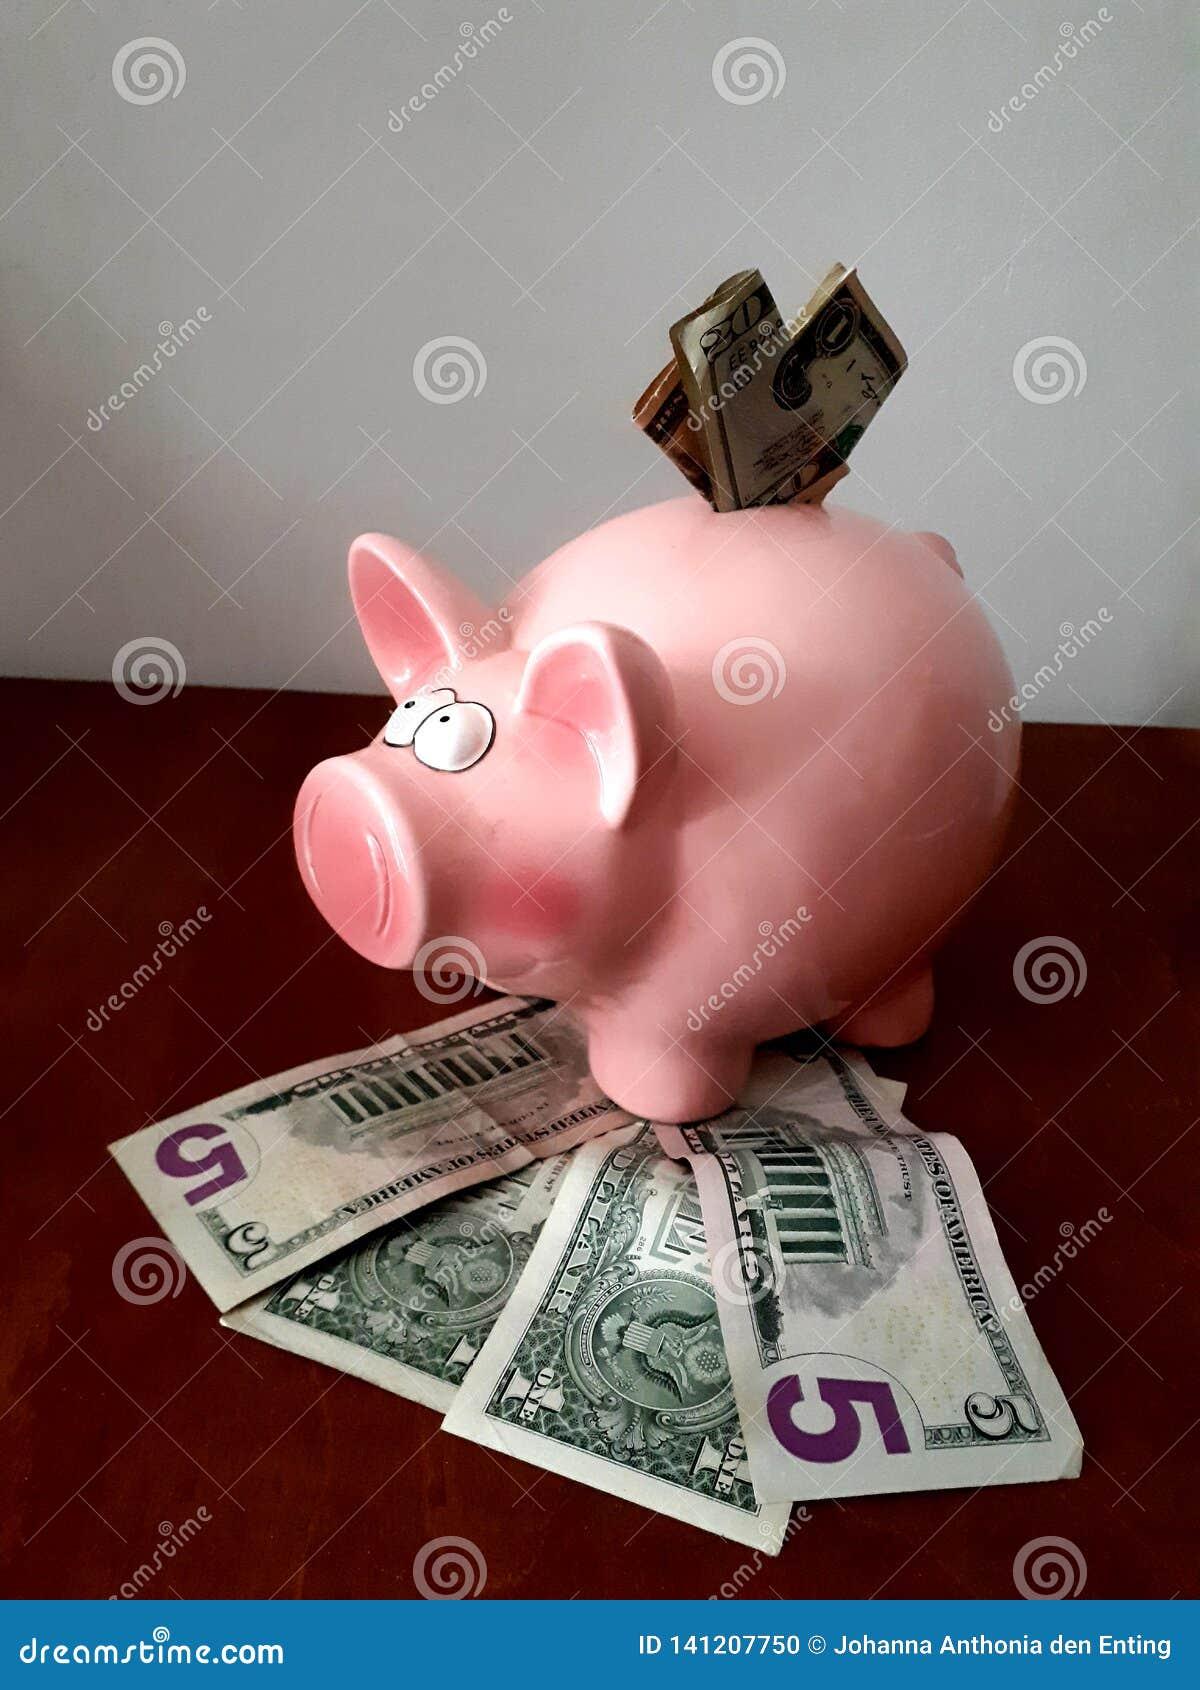 Mealheiro cor-de-rosa com notas de dólar múltiplas